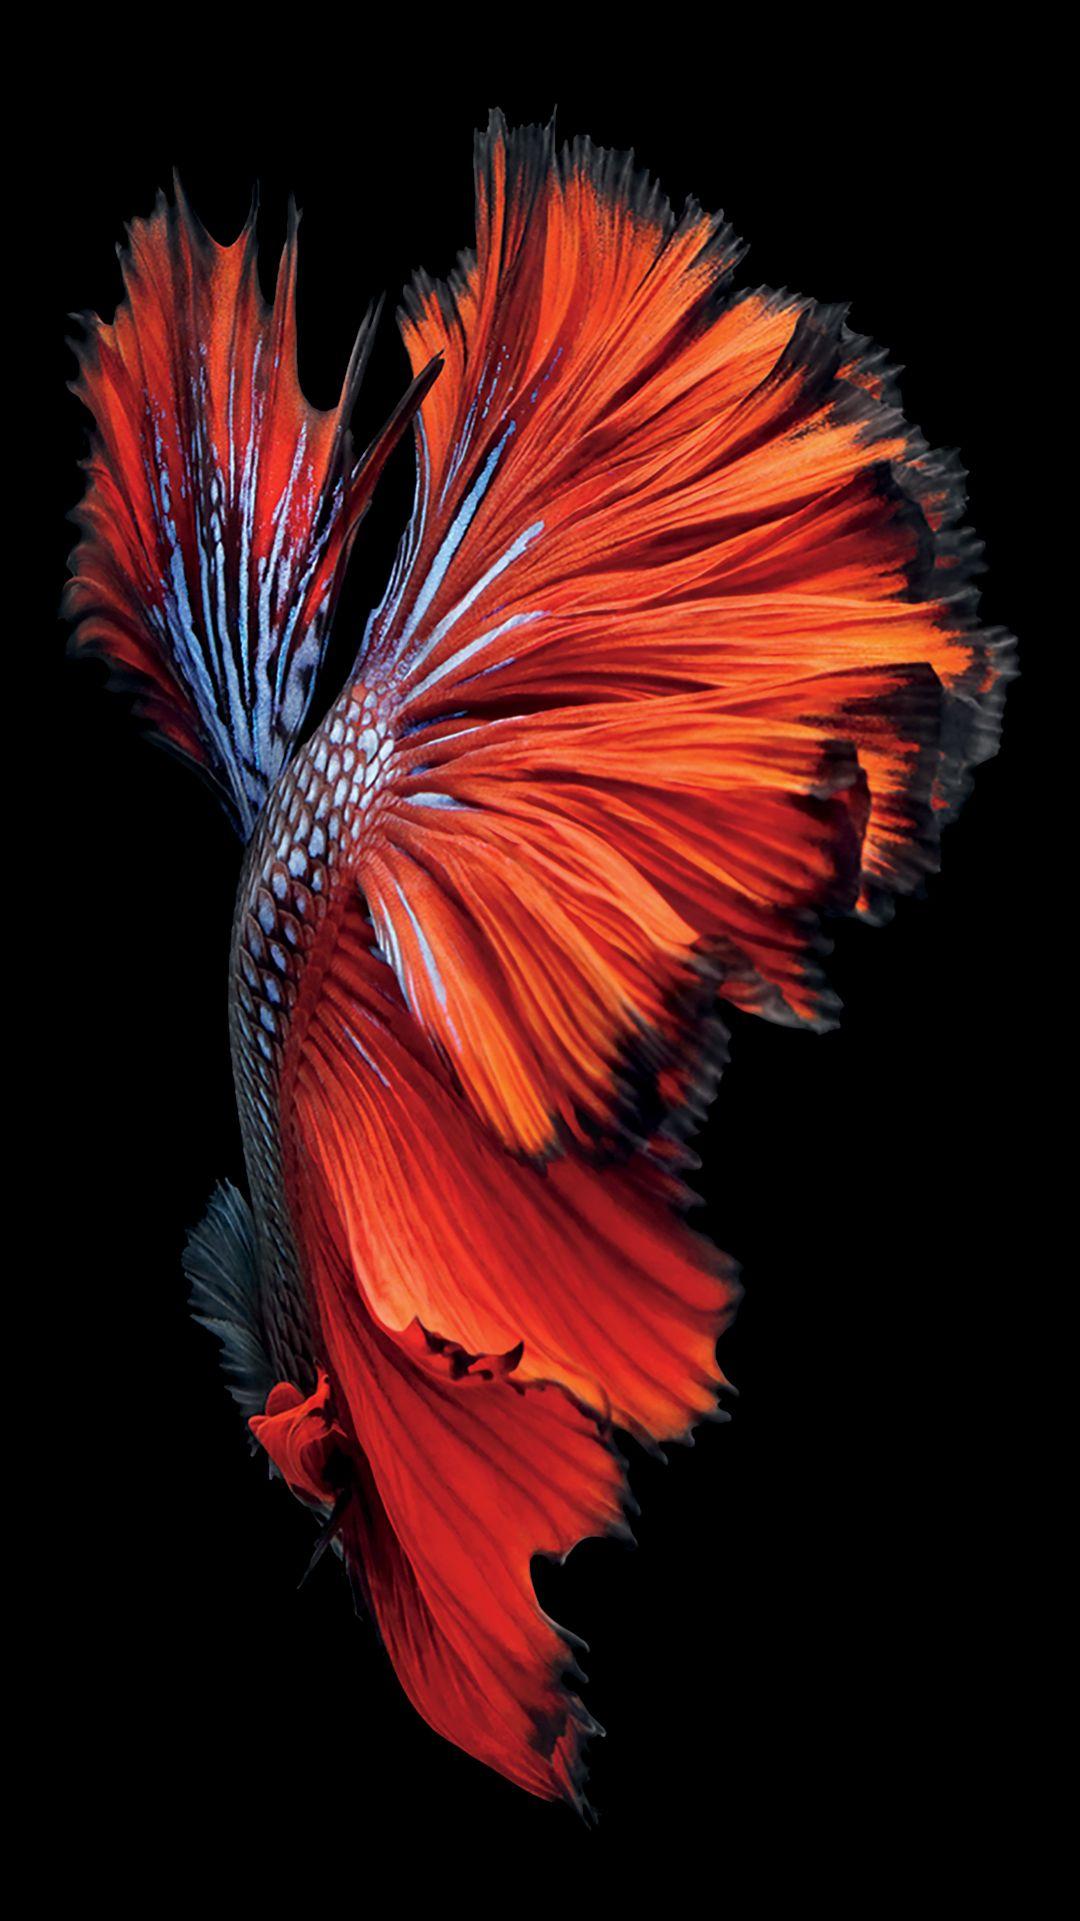 Animated Aquarium Wallpaper Iphone 6s Fish Red Wallpaper Art Fish Wallpaper Fish